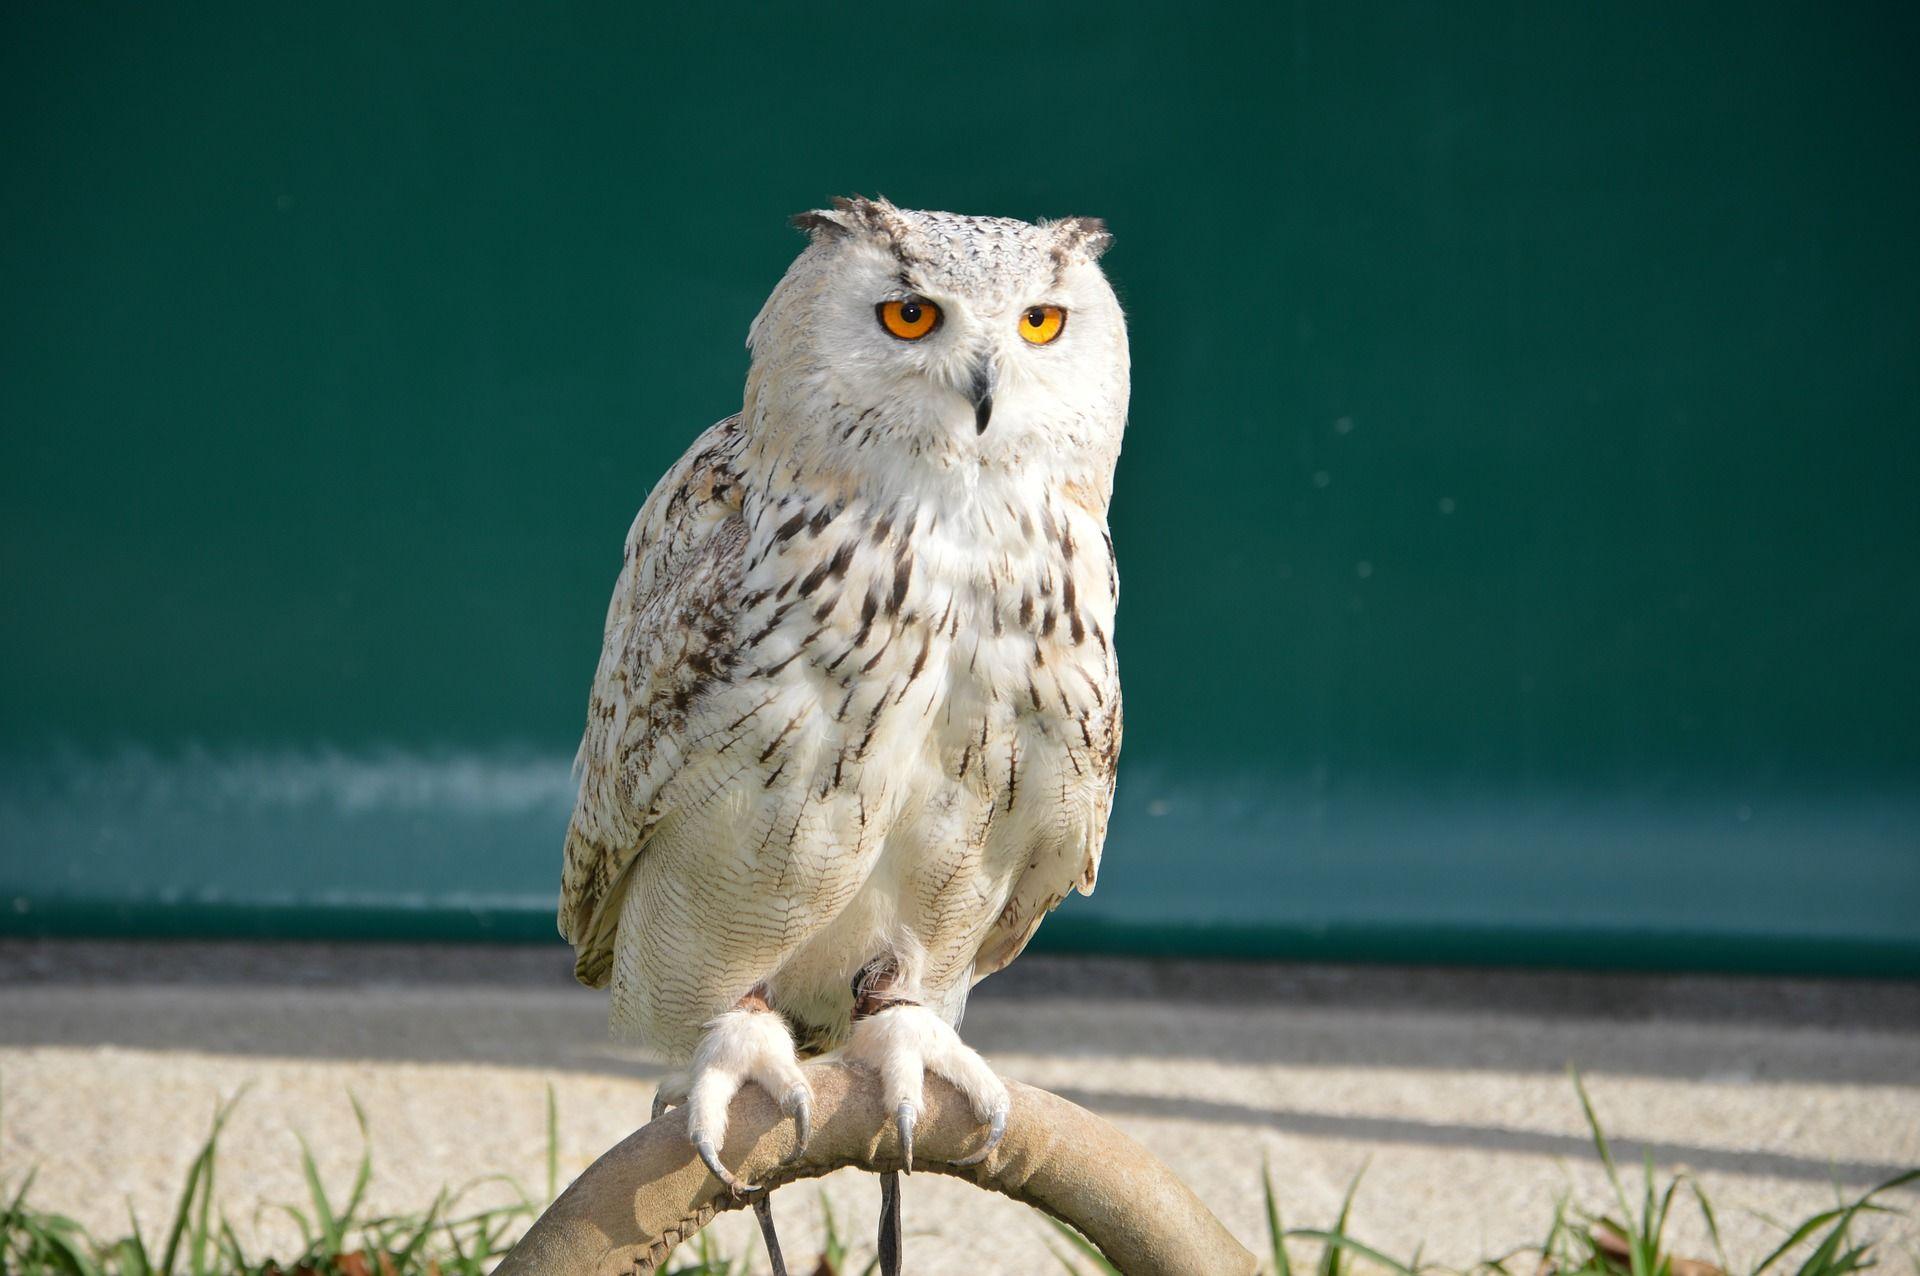 Скачать фото совы из интернета бесплатно